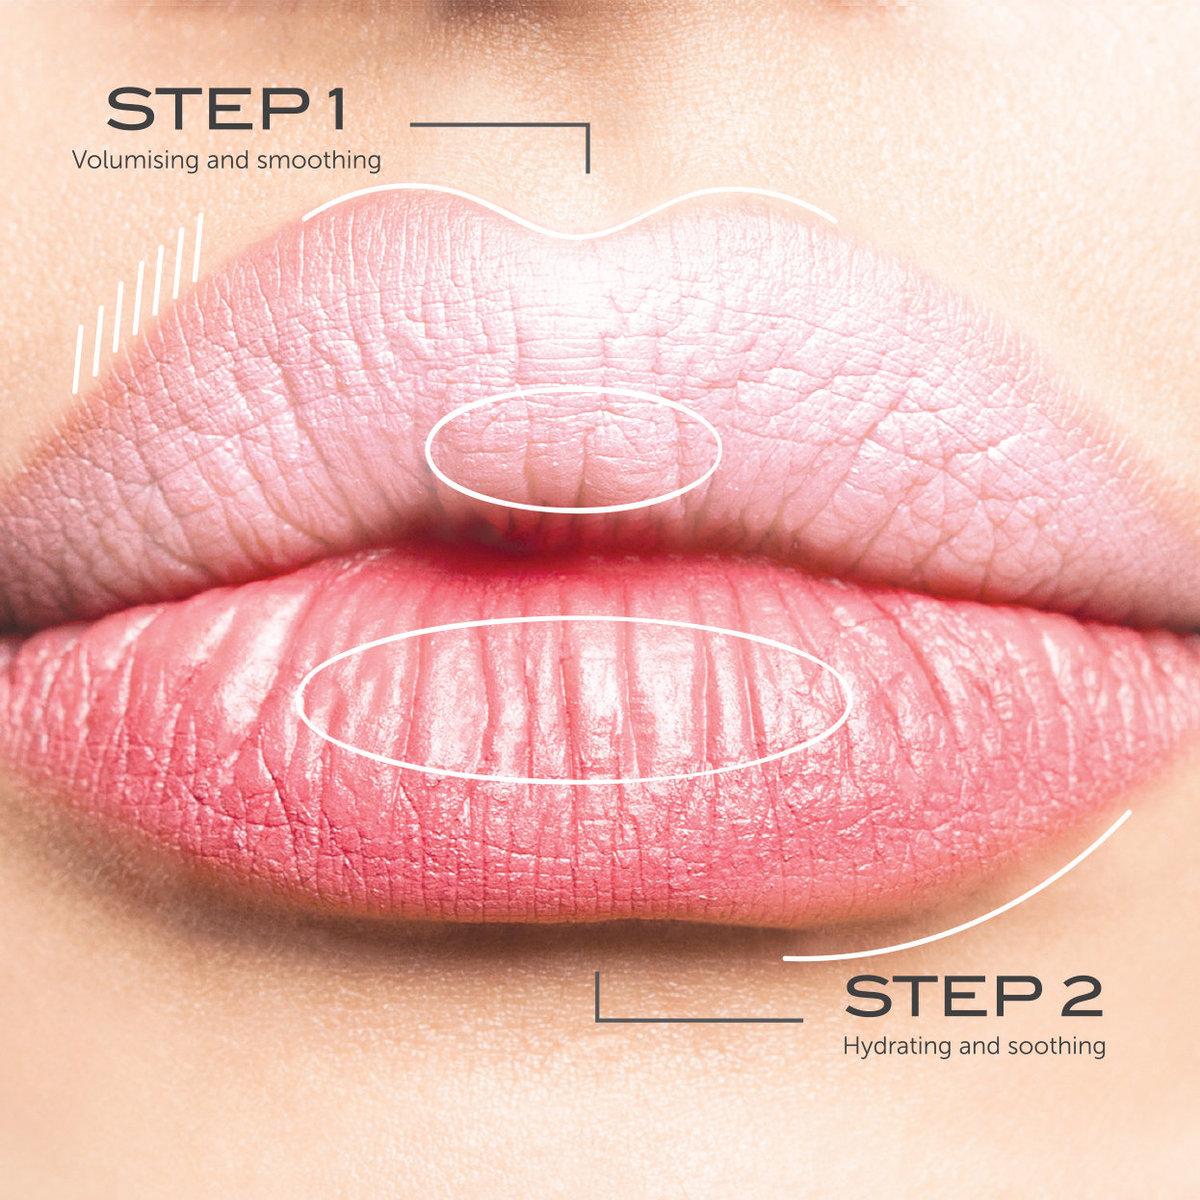 111SKIN星旅双效抚纹唇霜经典变身,两步骤深层修护,一抹立体丰唇崭露自信气场!